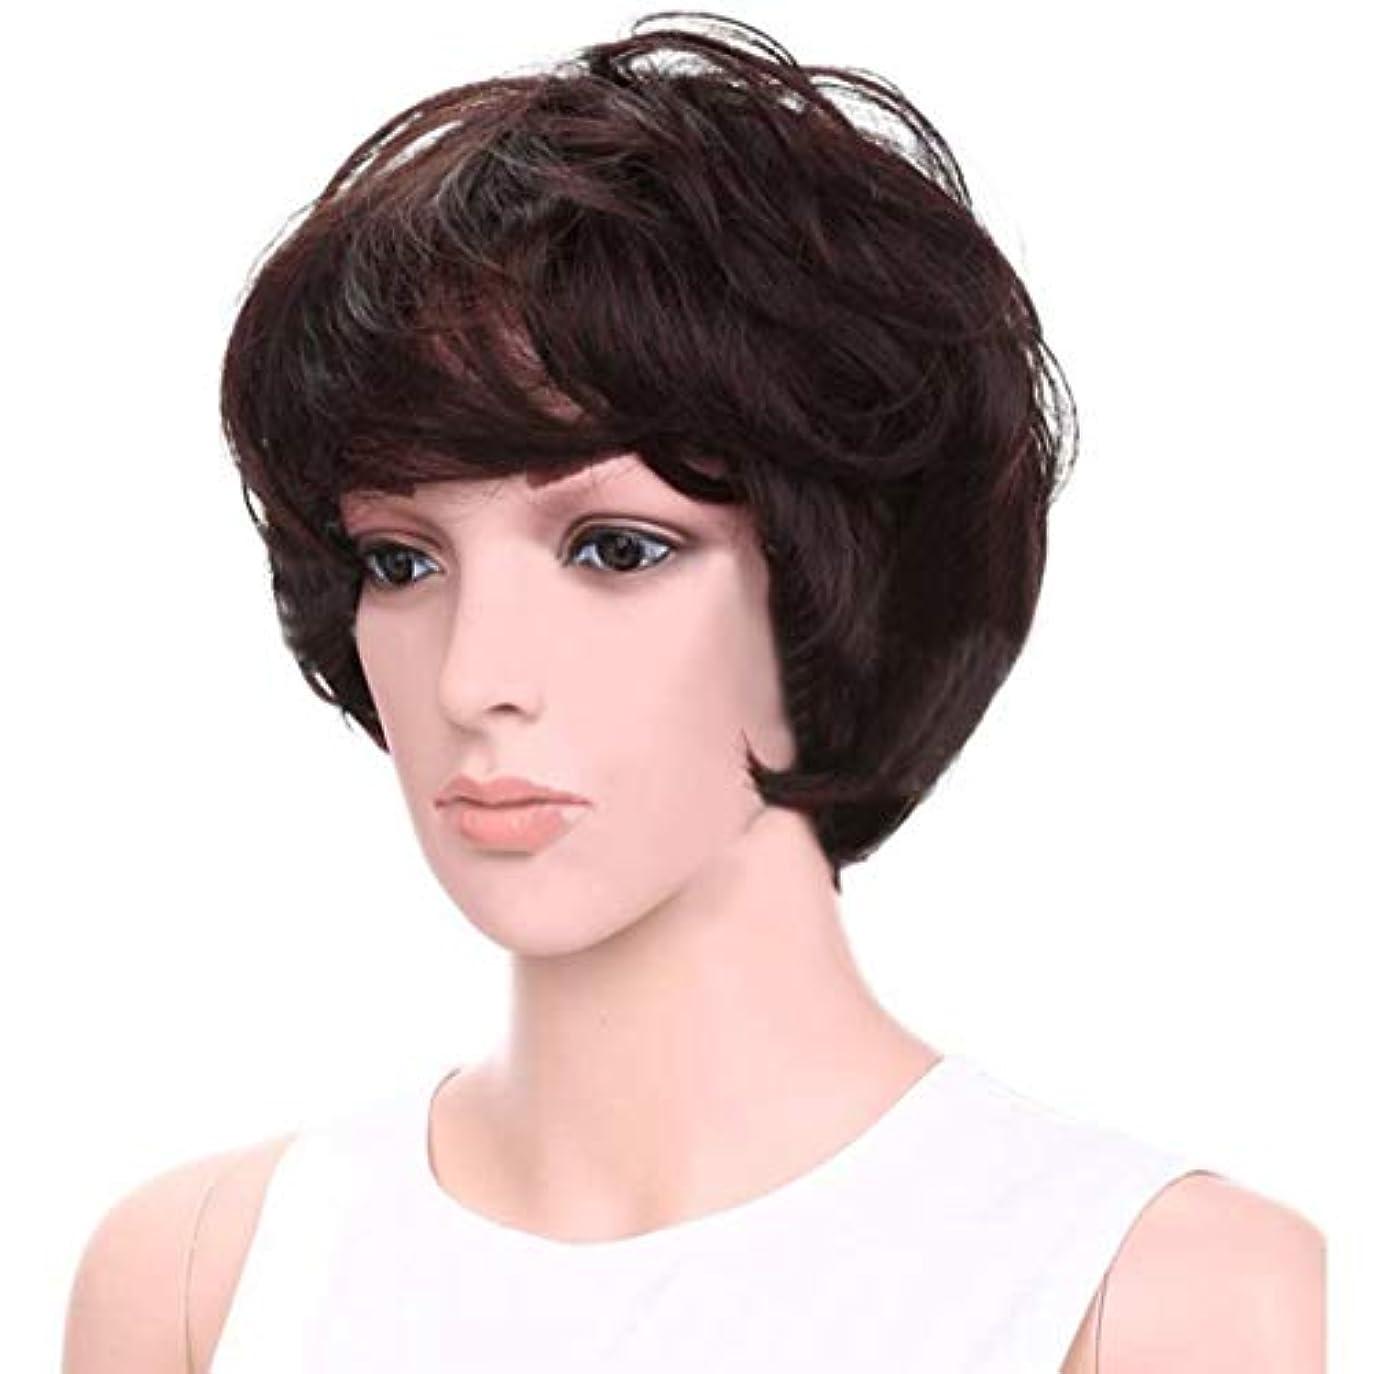 レンジ本土閉塞YOUQIU エア?フラッツ前髪髪の耐熱ウィッグでパーソナリティかつら女性のショートヘアウィッグふわふわ8インチ(ダークブラウン)かつら (色 : Dark brown)